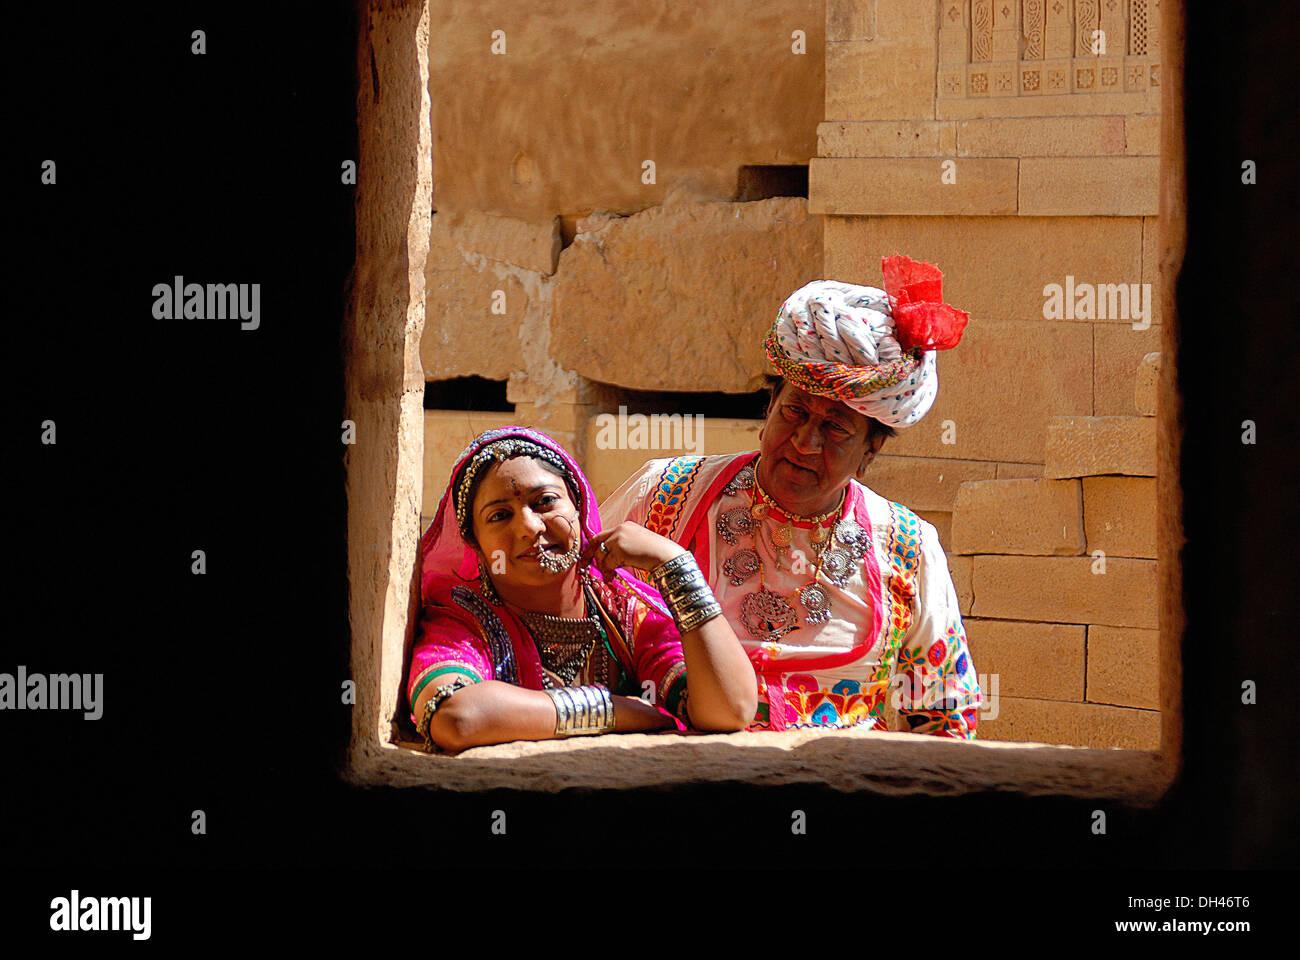 L'homme et de la femme indienne en vêtements traditionnels Jaisalmer Rajasthan Inde Asie M.#784B et 784C Banque D'Images